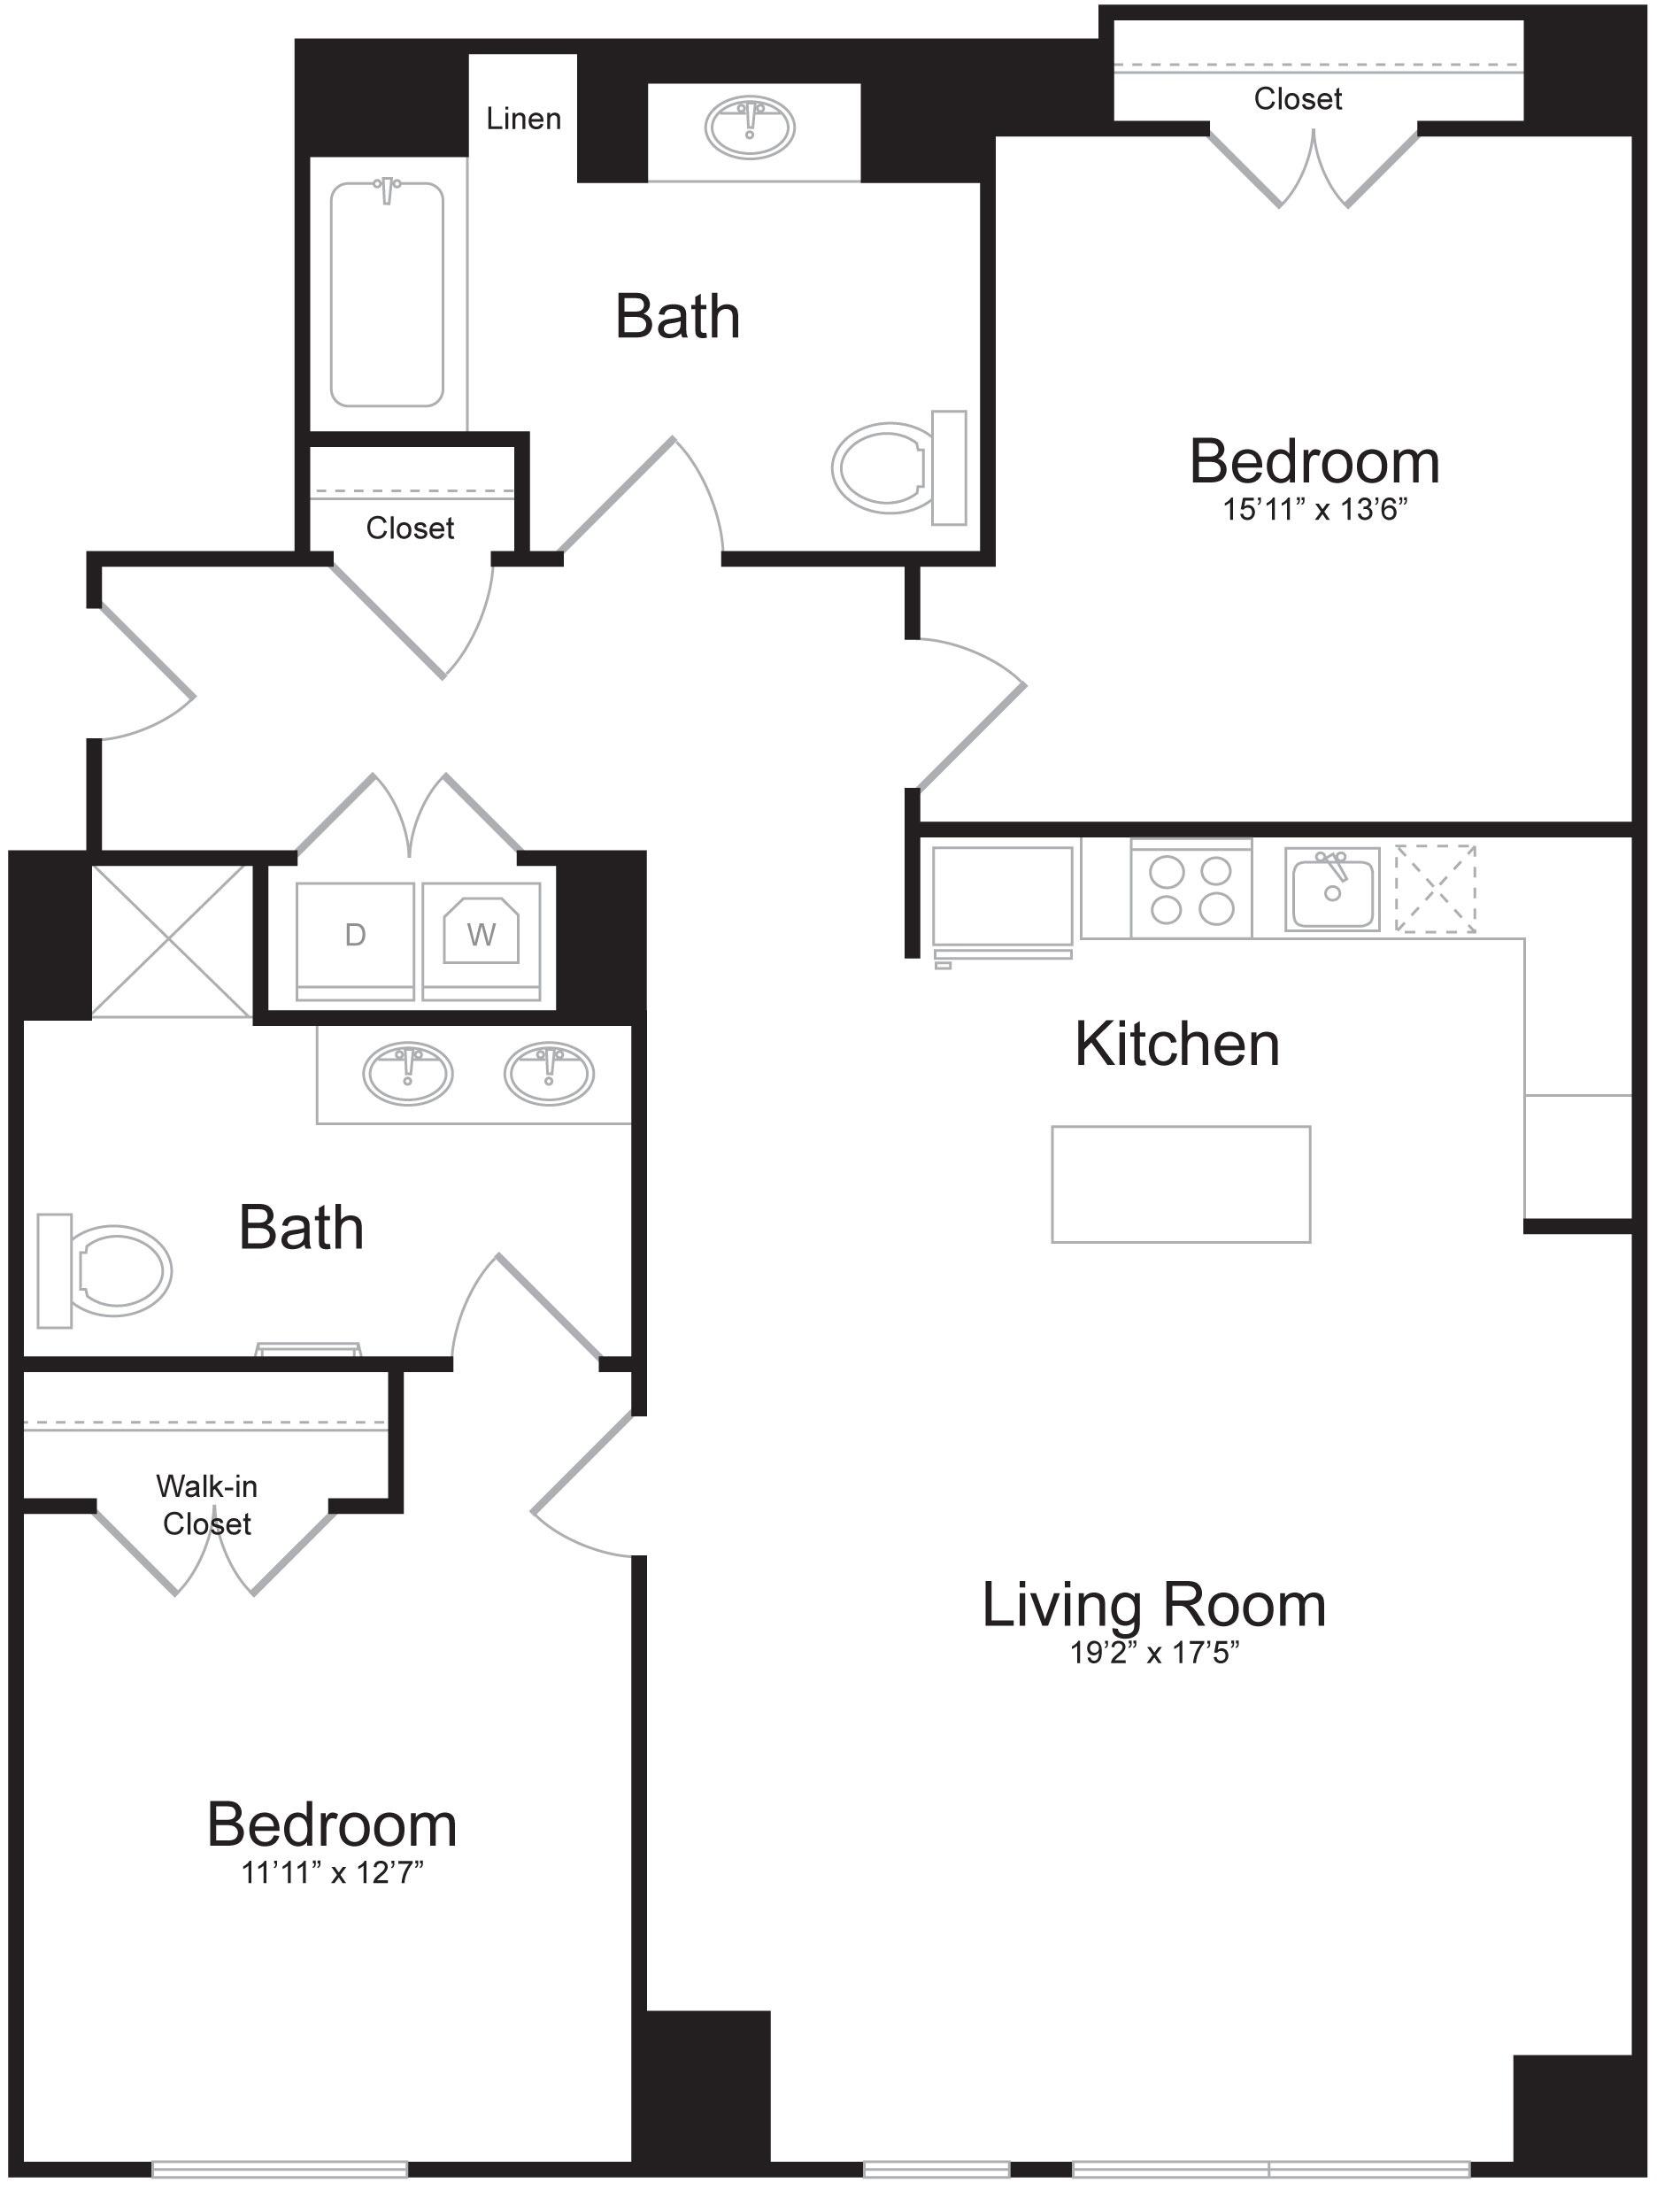 D5 - 2 Bed 2 Bath - 1,429 SF